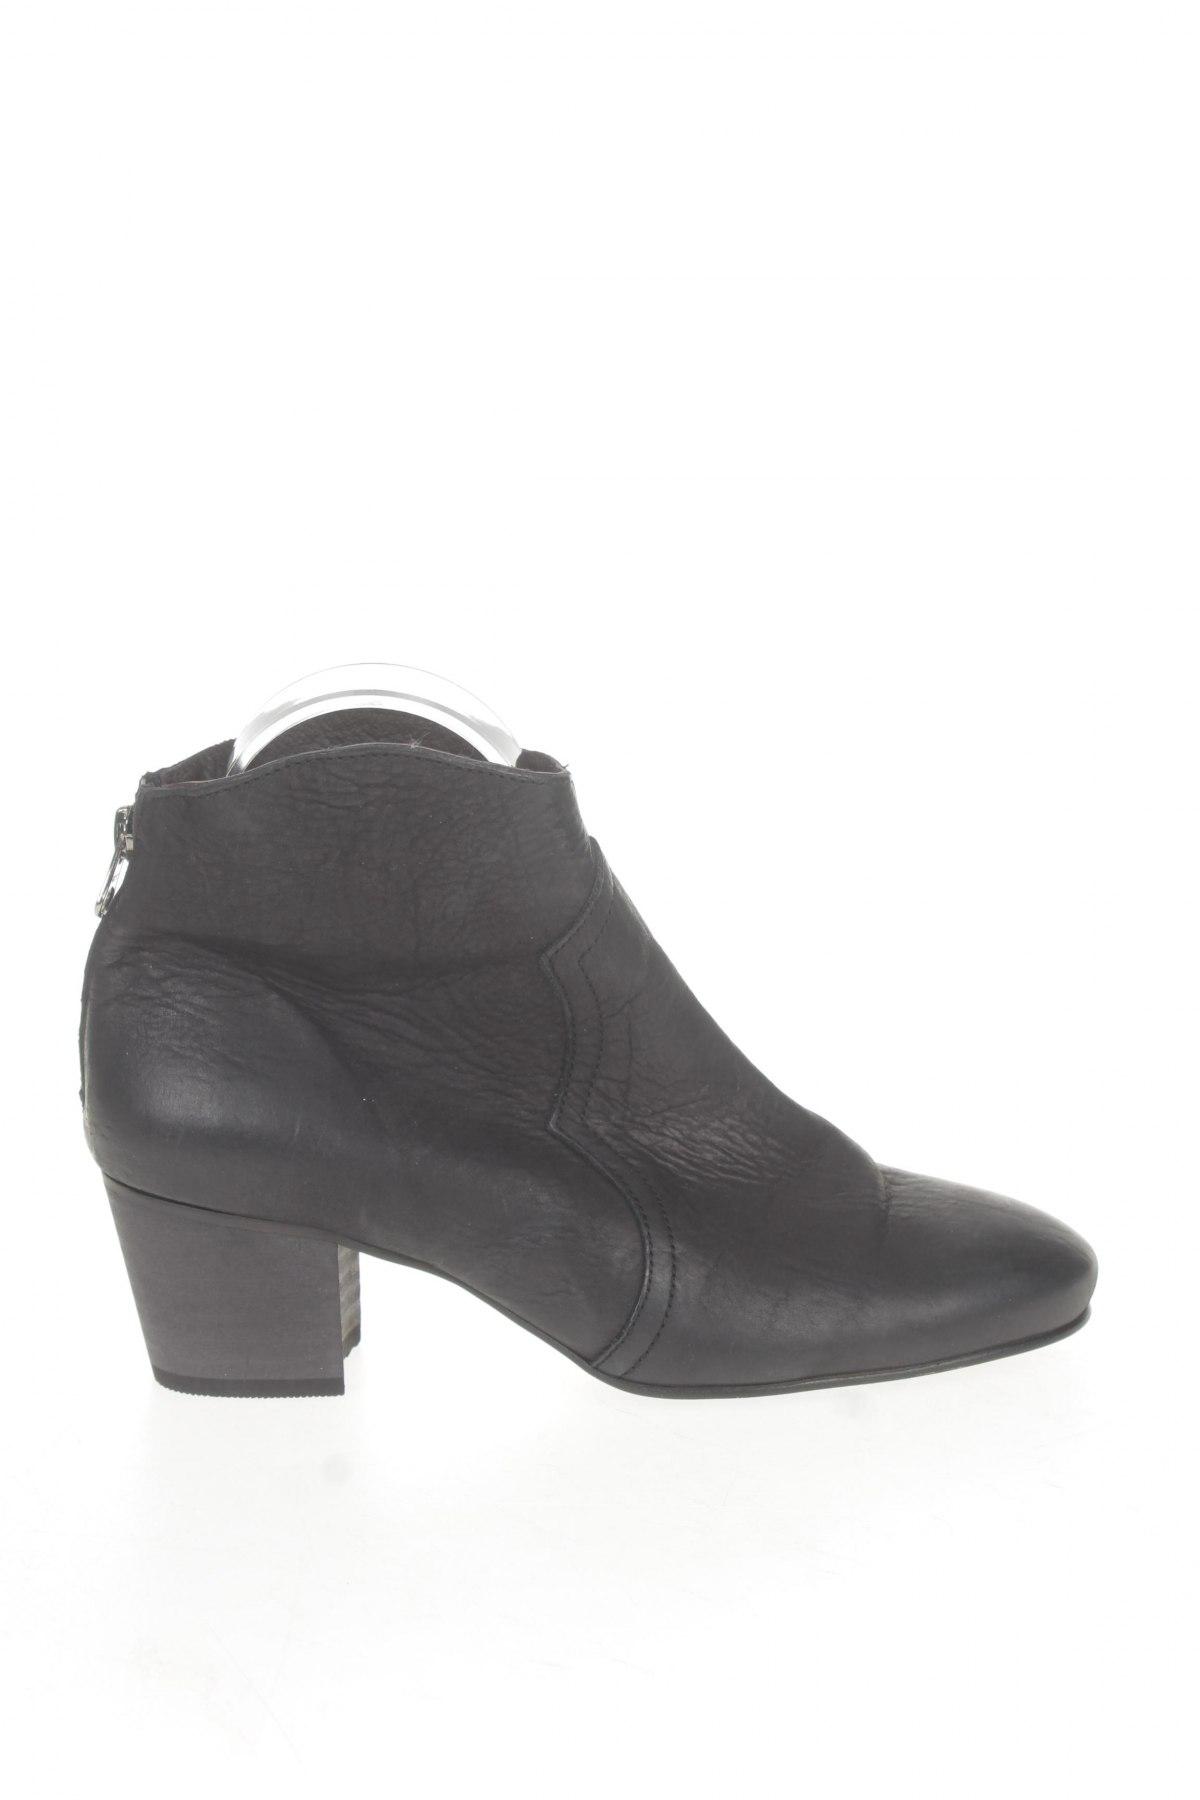 Dámské topánky Office - za výhodnú cenu na Remix -  102785461 5b0a28fe889